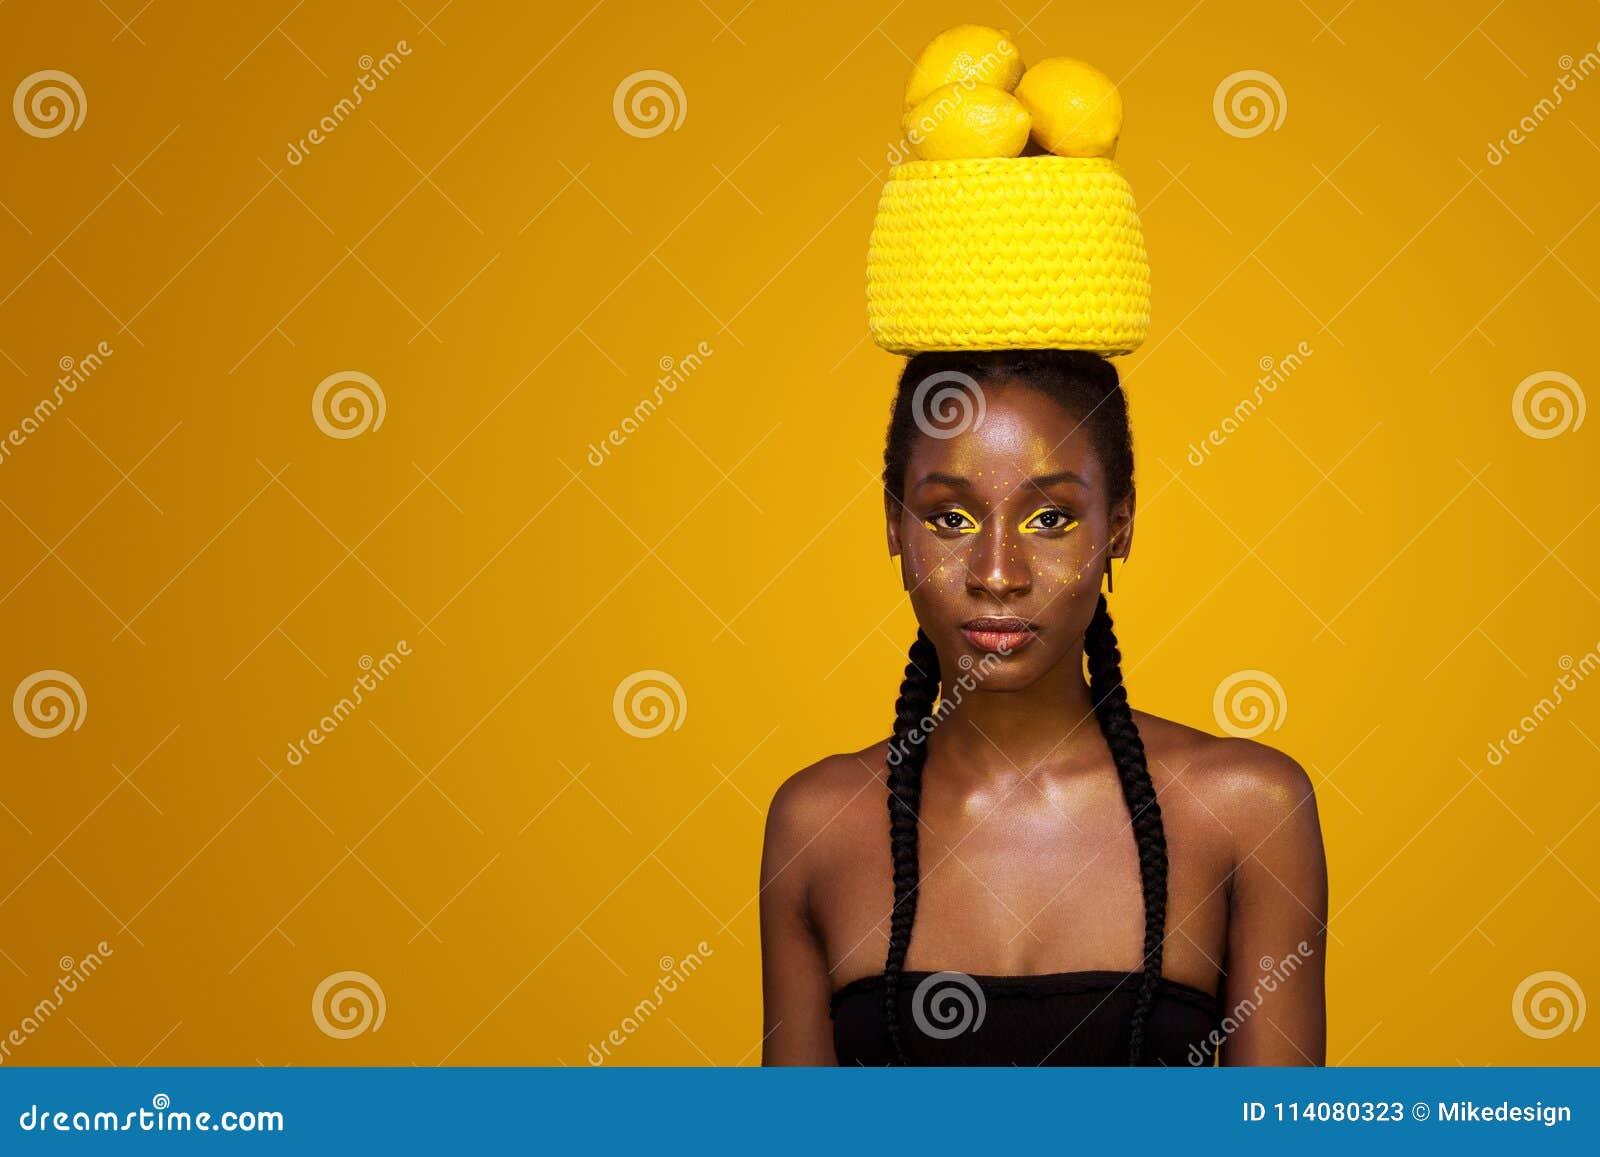 Nette junge afrikanische Frau mit gelbem Make-up auf ihren Augen Weibliches Modell gegen gelben Hintergrund mit gelben Zitronen